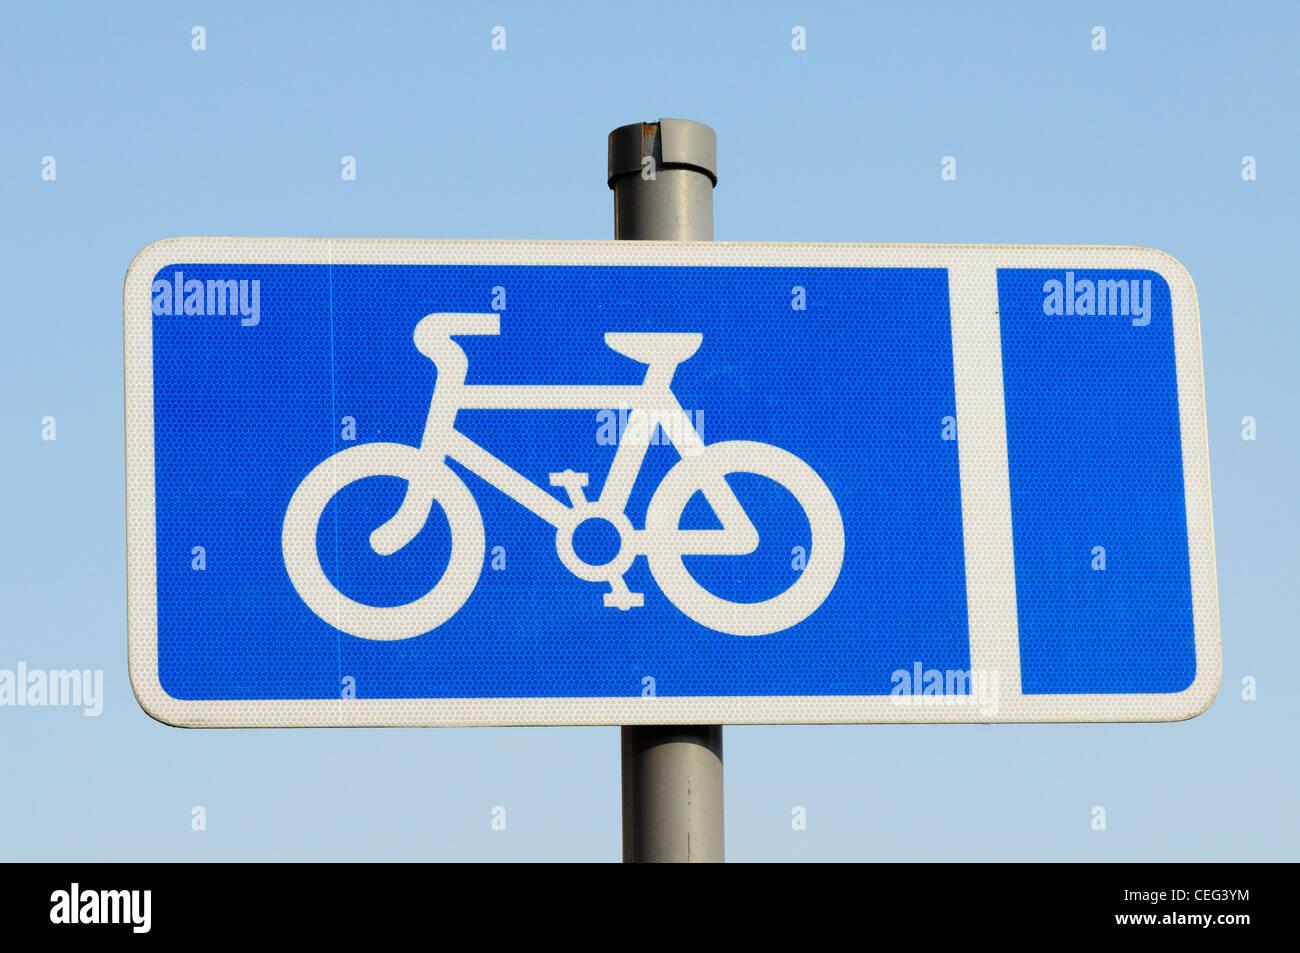 Cycle Lane Roadsign, Cambridge, England, UK - Stock Image